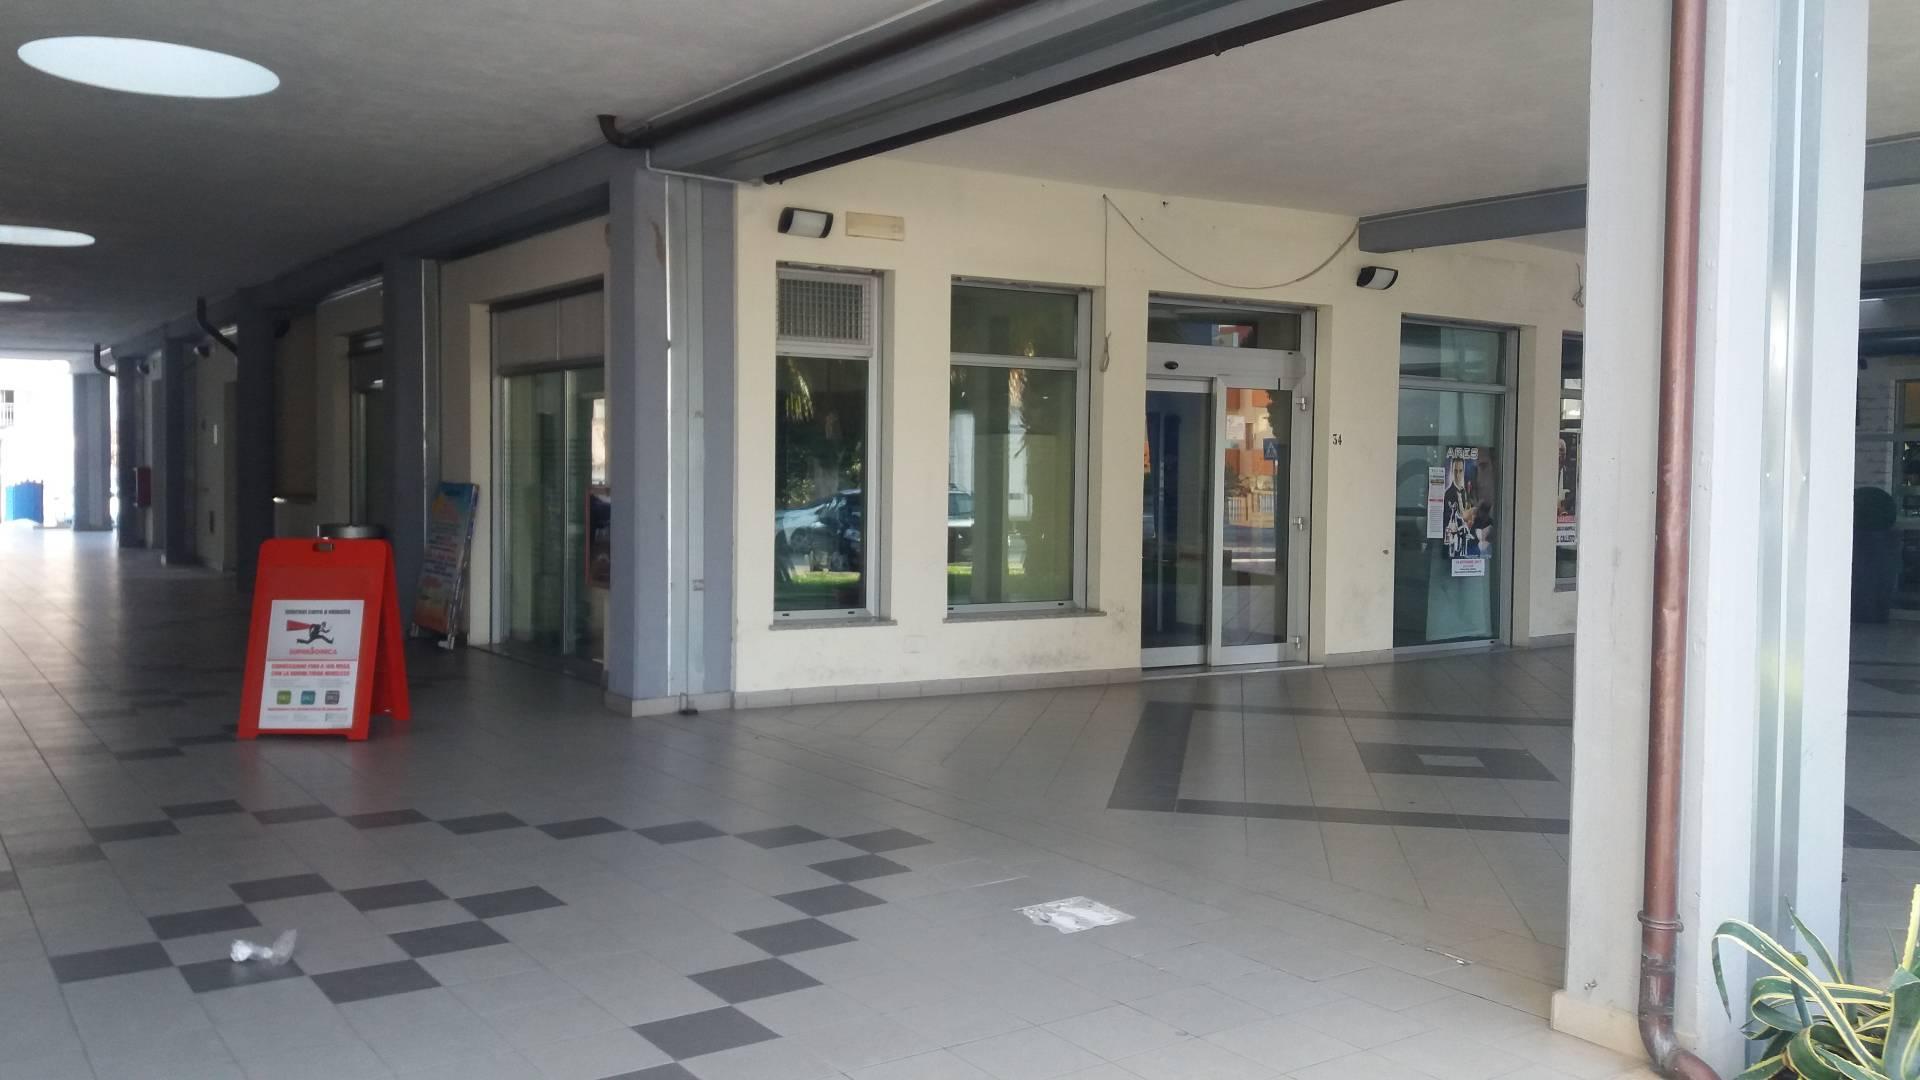 Negozio / Locale in affitto a Manoppello, 9999 locali, zona Località: ManoppelloScalo, prezzo € 1.200 | CambioCasa.it